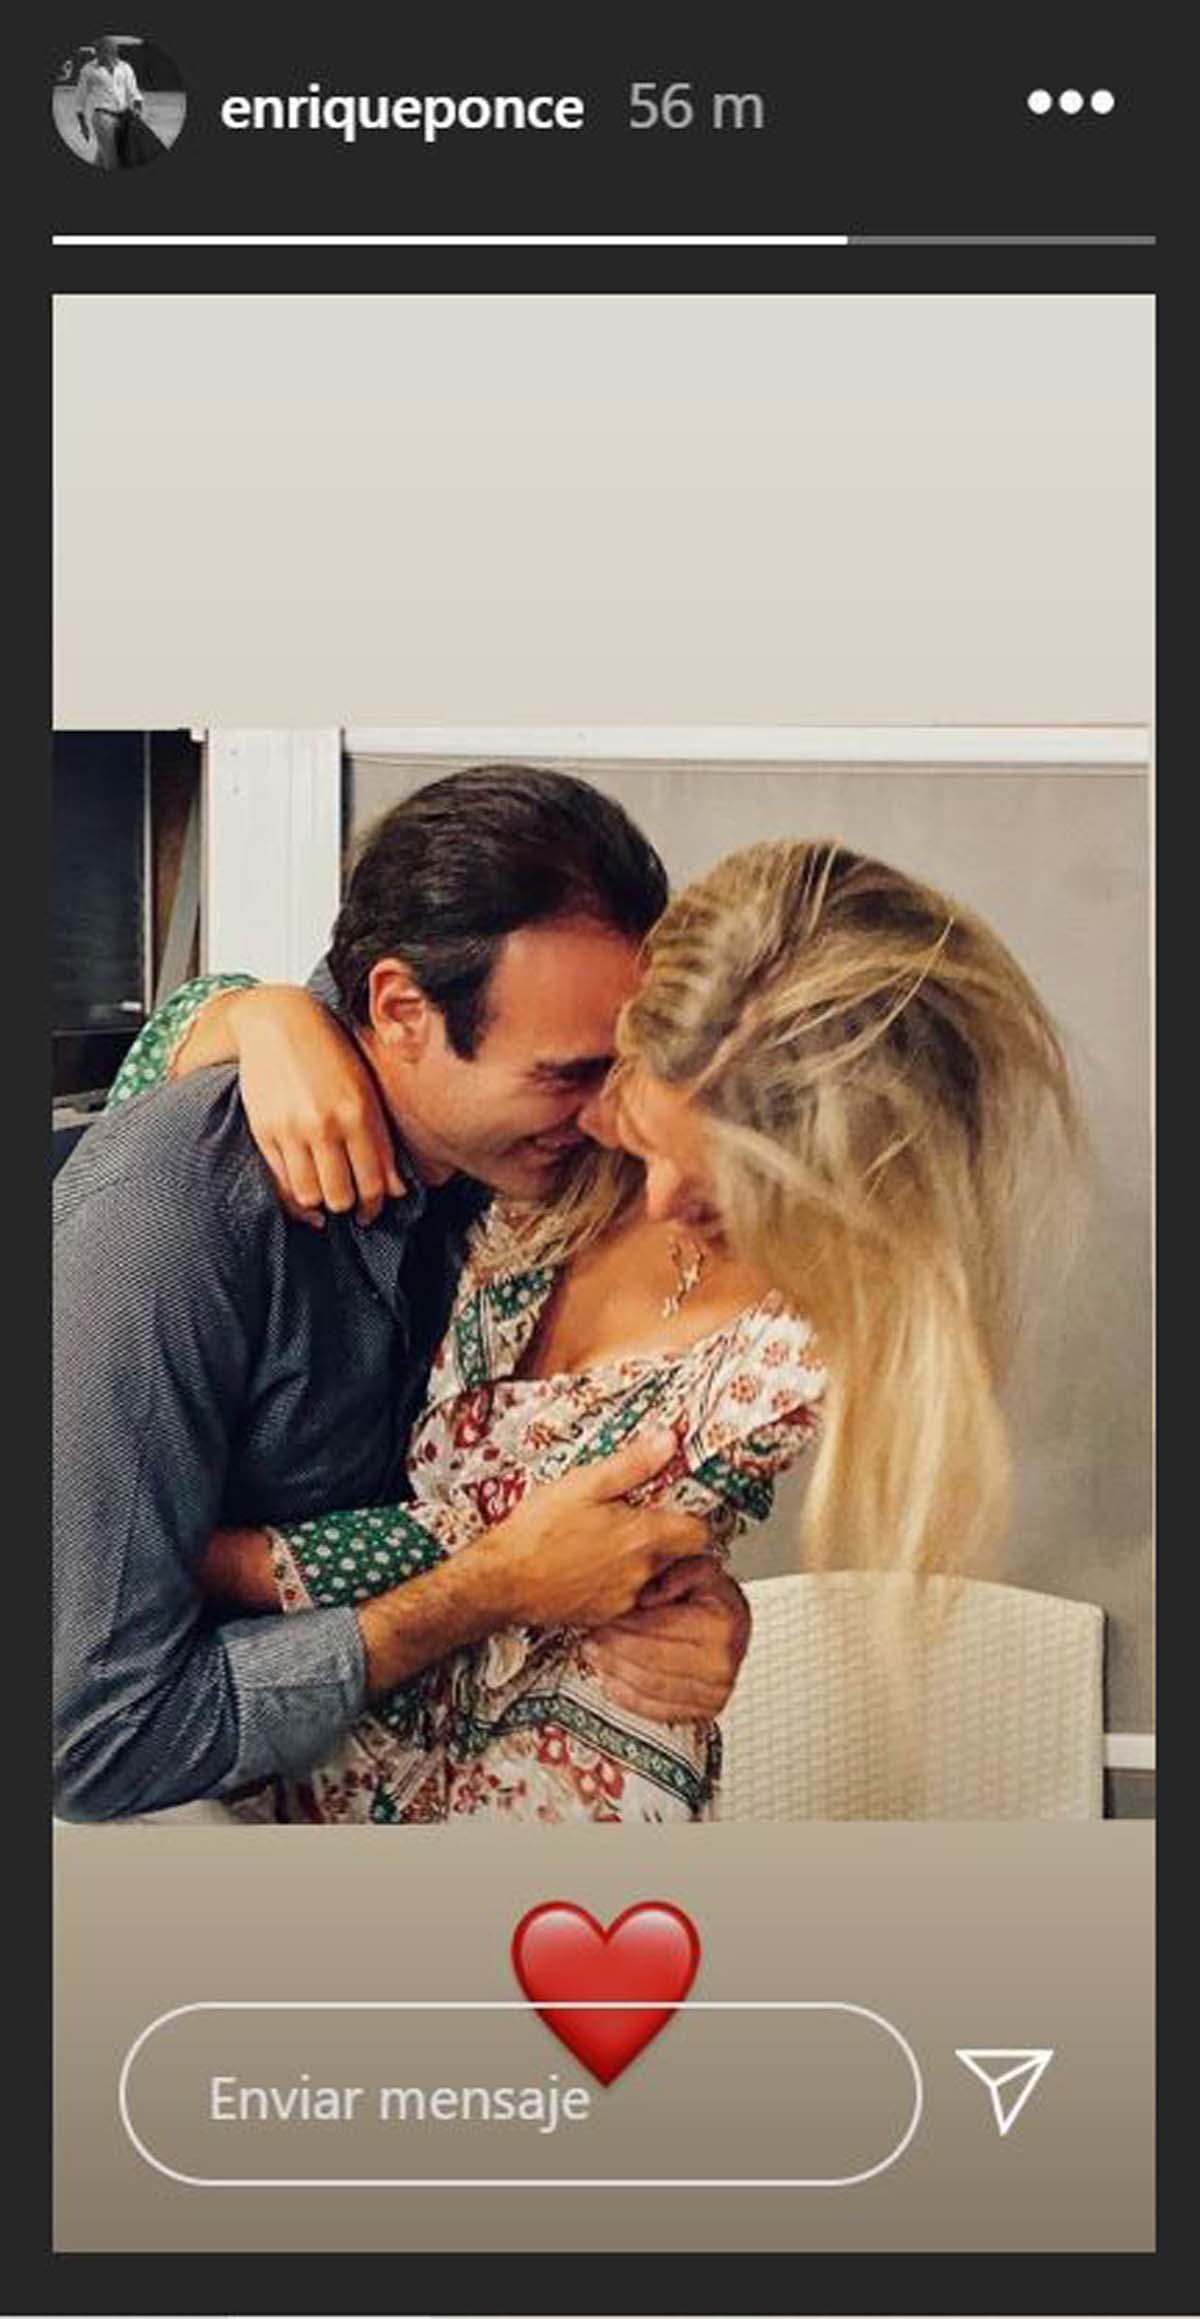 Enrique Ponce ha hecho una storie con Ana Soria / Instagram